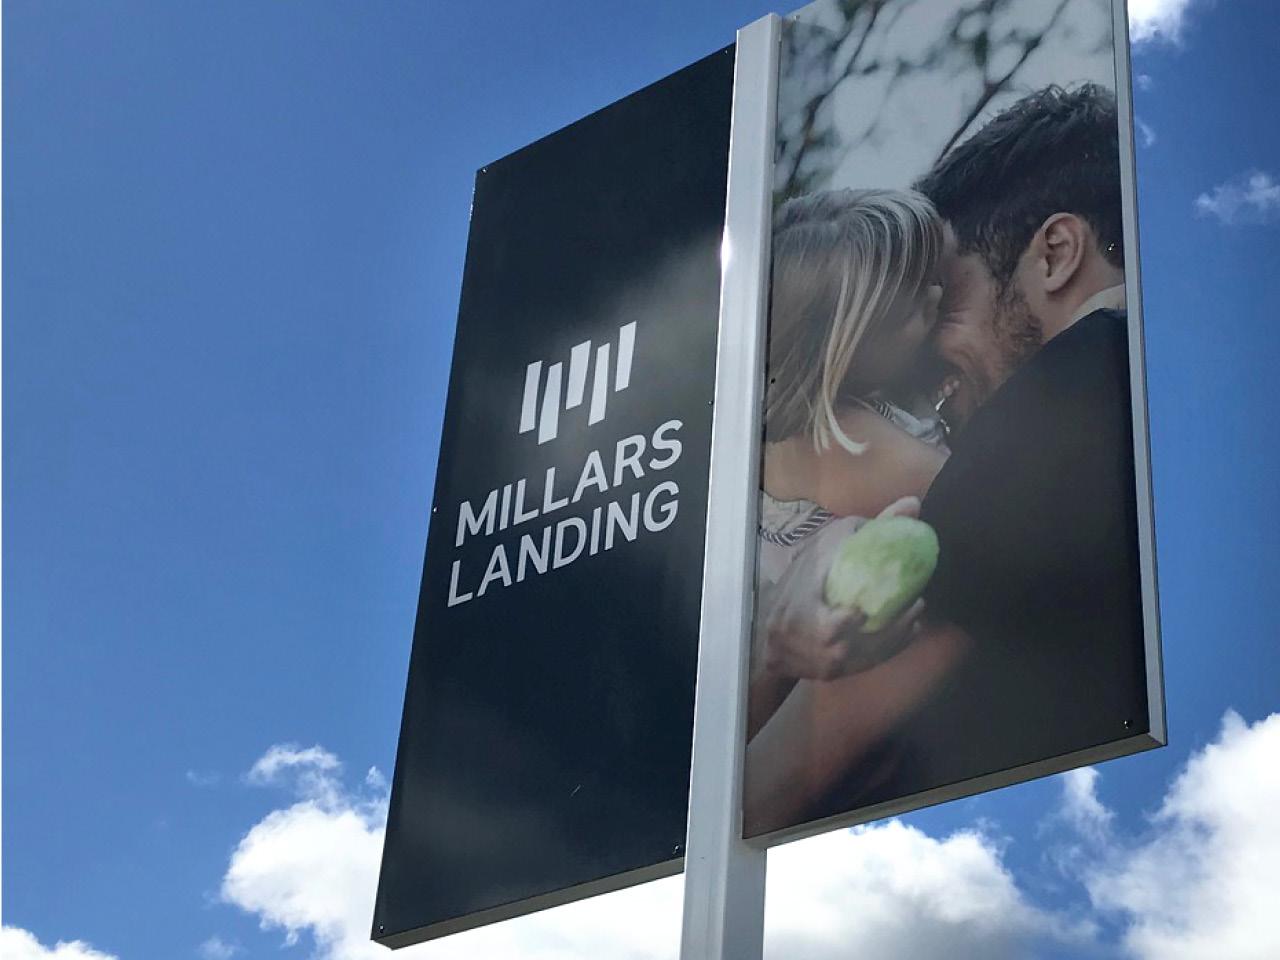 MILLARS LANDING IMAGES13.jpg